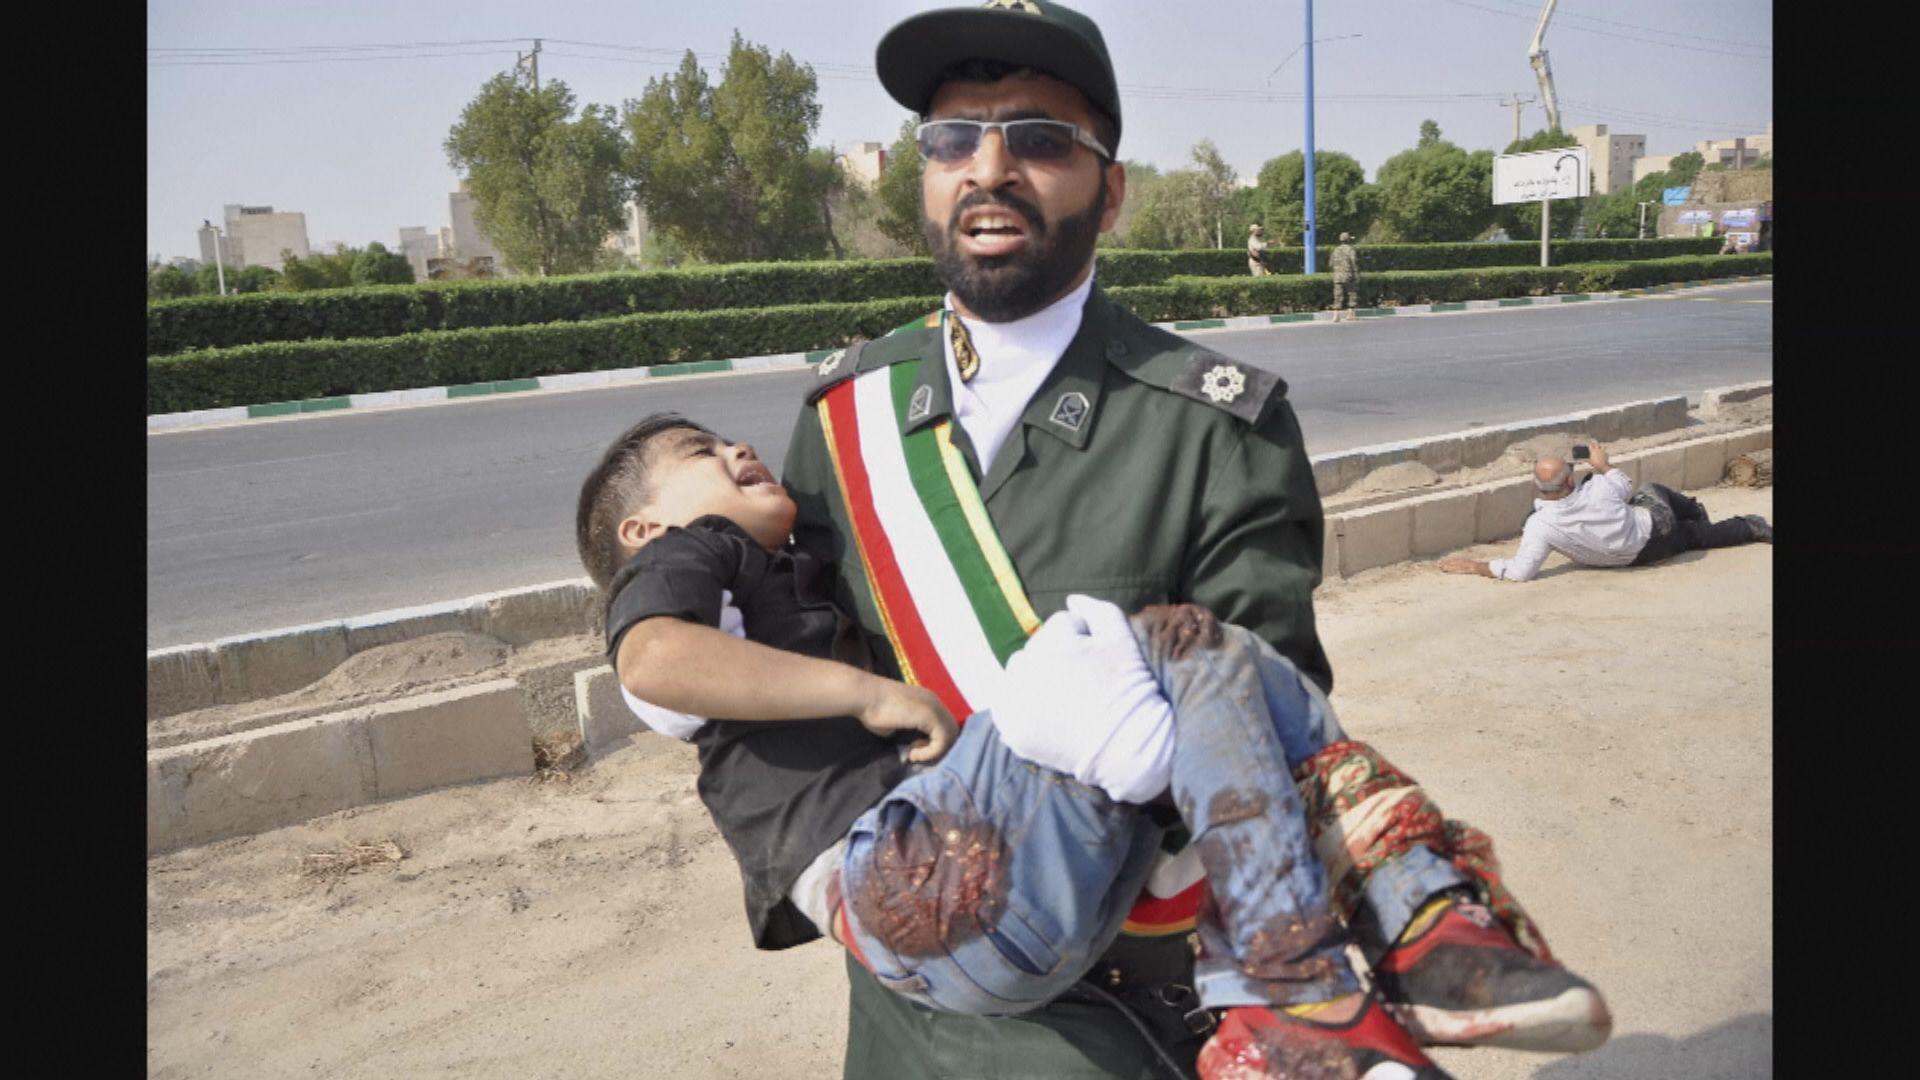 伊斯蘭國聲稱伊朗襲擊是他們所為